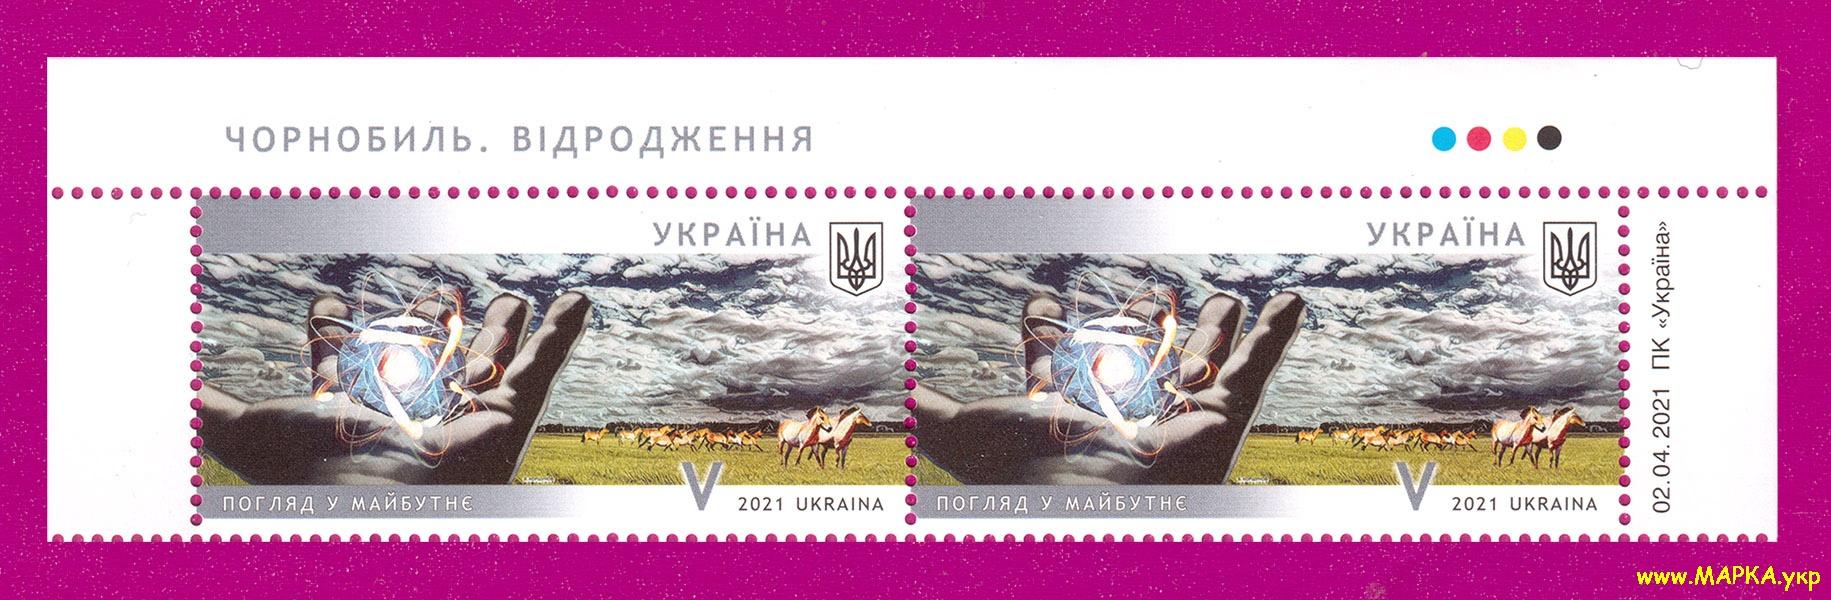 2021 верх листа Чернобыльская катастрофа 35 лет ЛИТЕРА V Украина